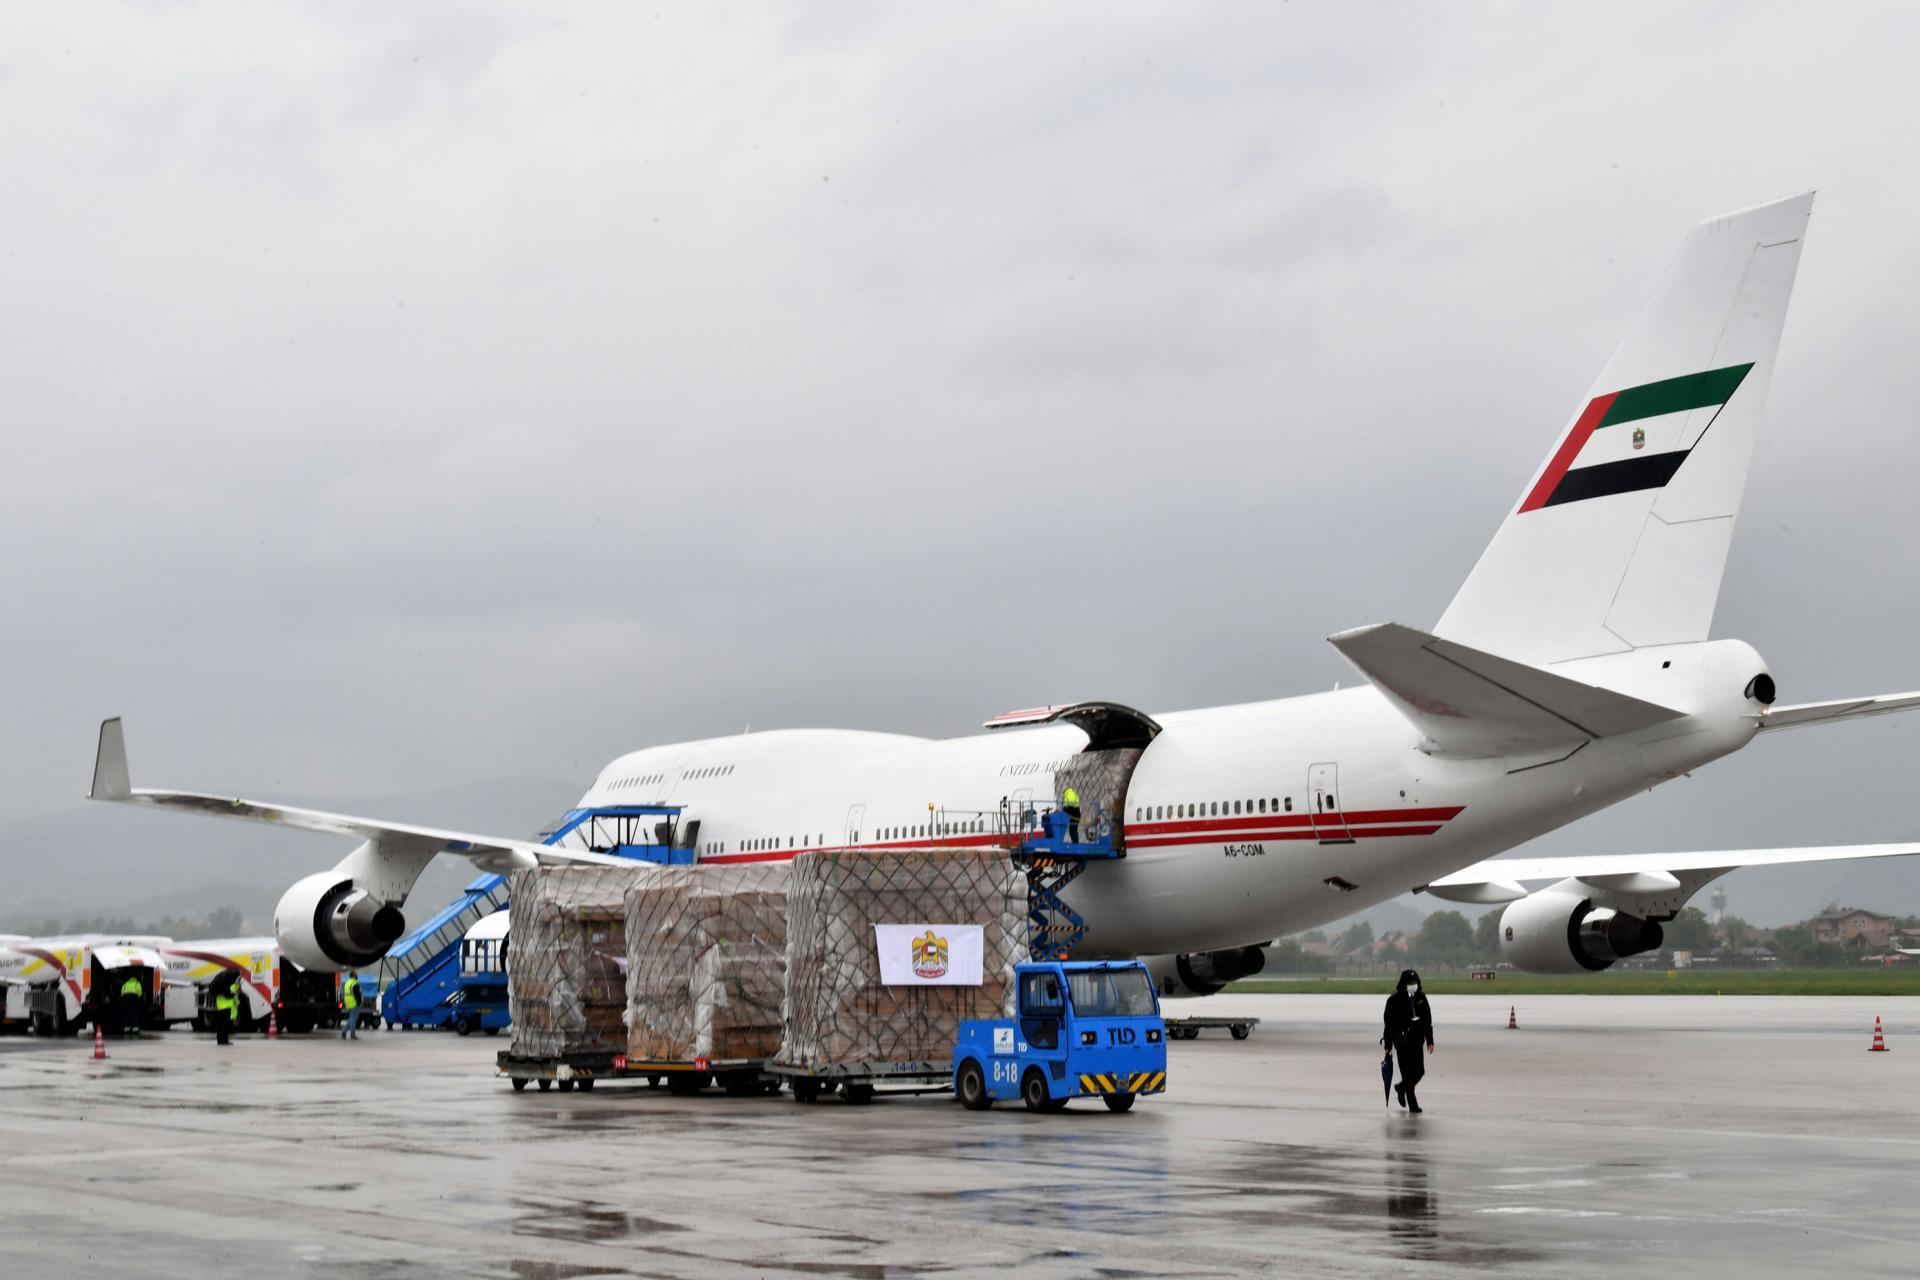 وصول طائرة المساعدات الطبية من الإمارات لدعم العراق في مكافحة فيروس كورونا